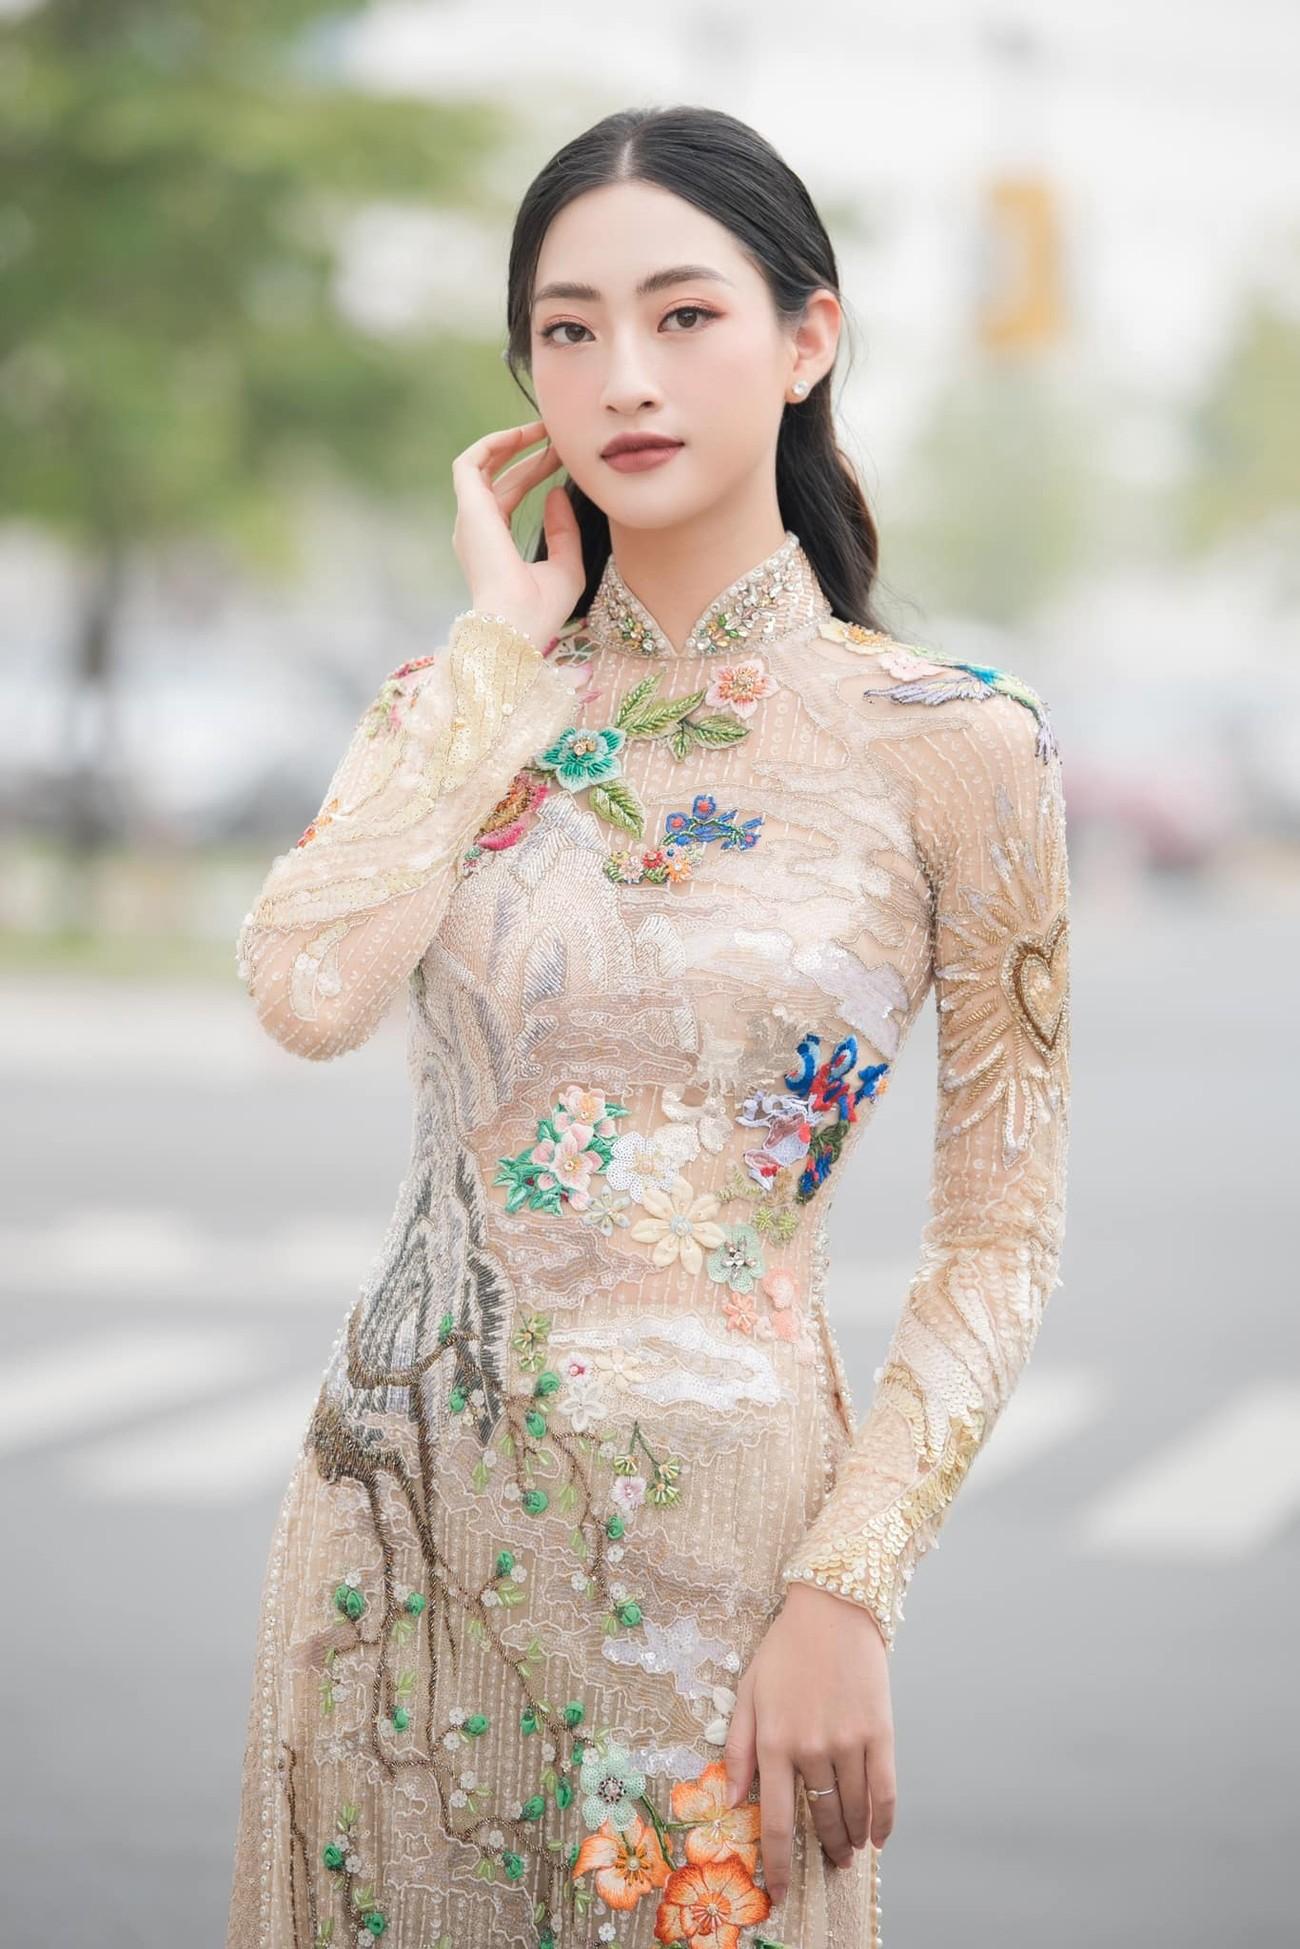 Hoa hậu Thuỳ Dung tái xuất xinh đẹp, Lương Thuỳ Linh diện áo dài đính kết lạ mắt ảnh 4